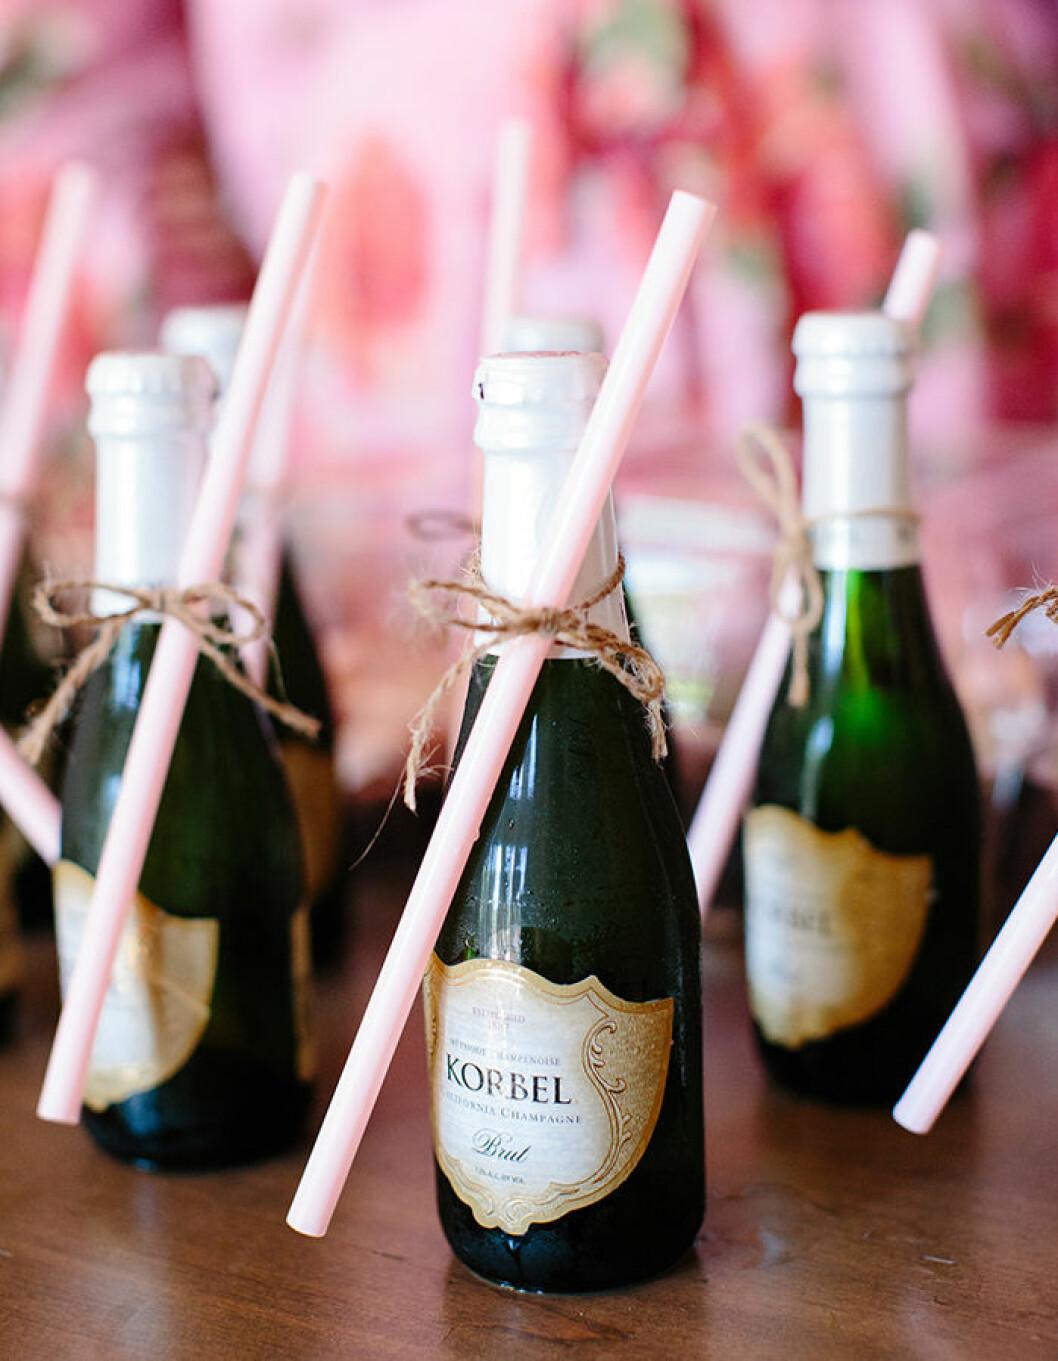 Byt ut champagneglasen.